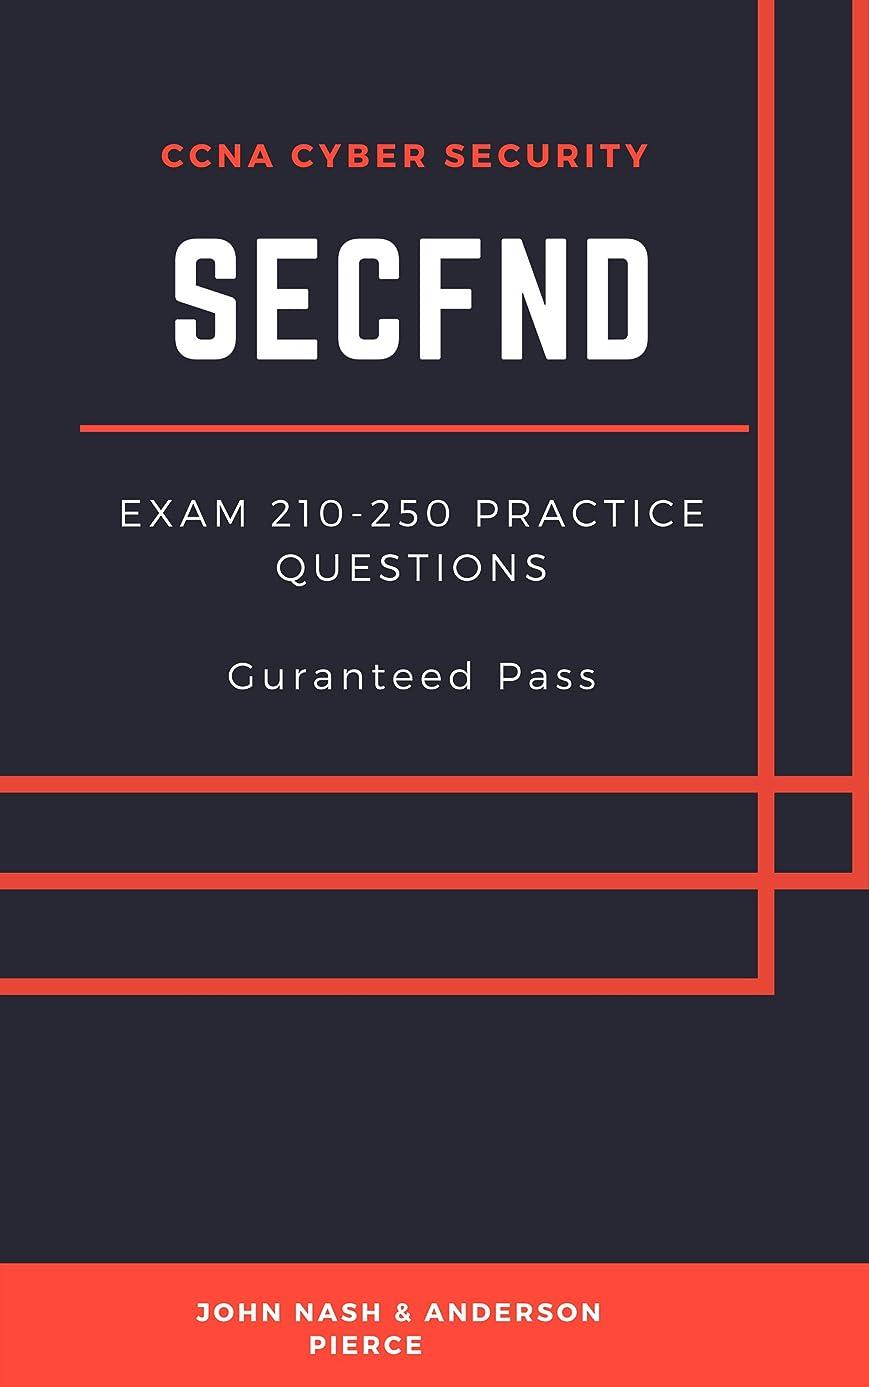 画面投資するスポーツマンCISCO SECFND Practice Questions: CCNA Cisco Cyber Security (English Edition)